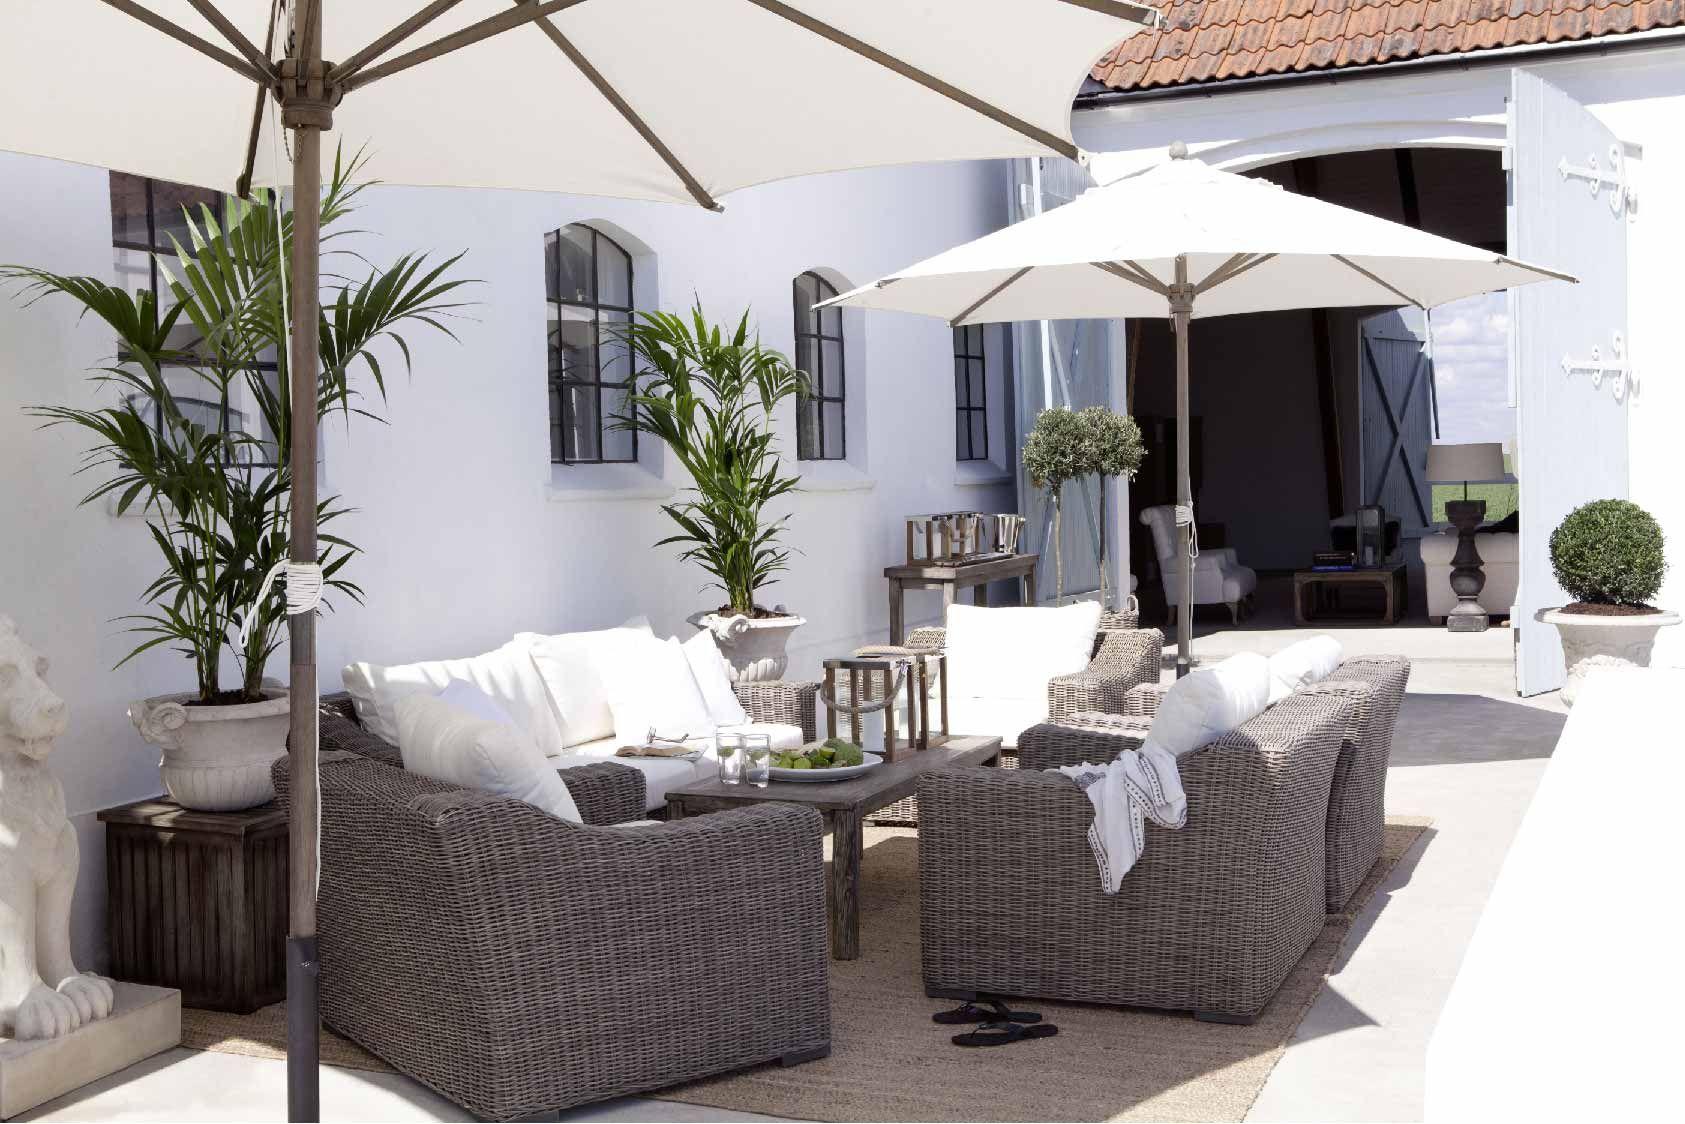 Hagemøbel   Outdoor Furniture From Artwood. San Diego Sofa, Stoler Og Bord  Kan Bestilles Hos Oss: Www.no/hage/